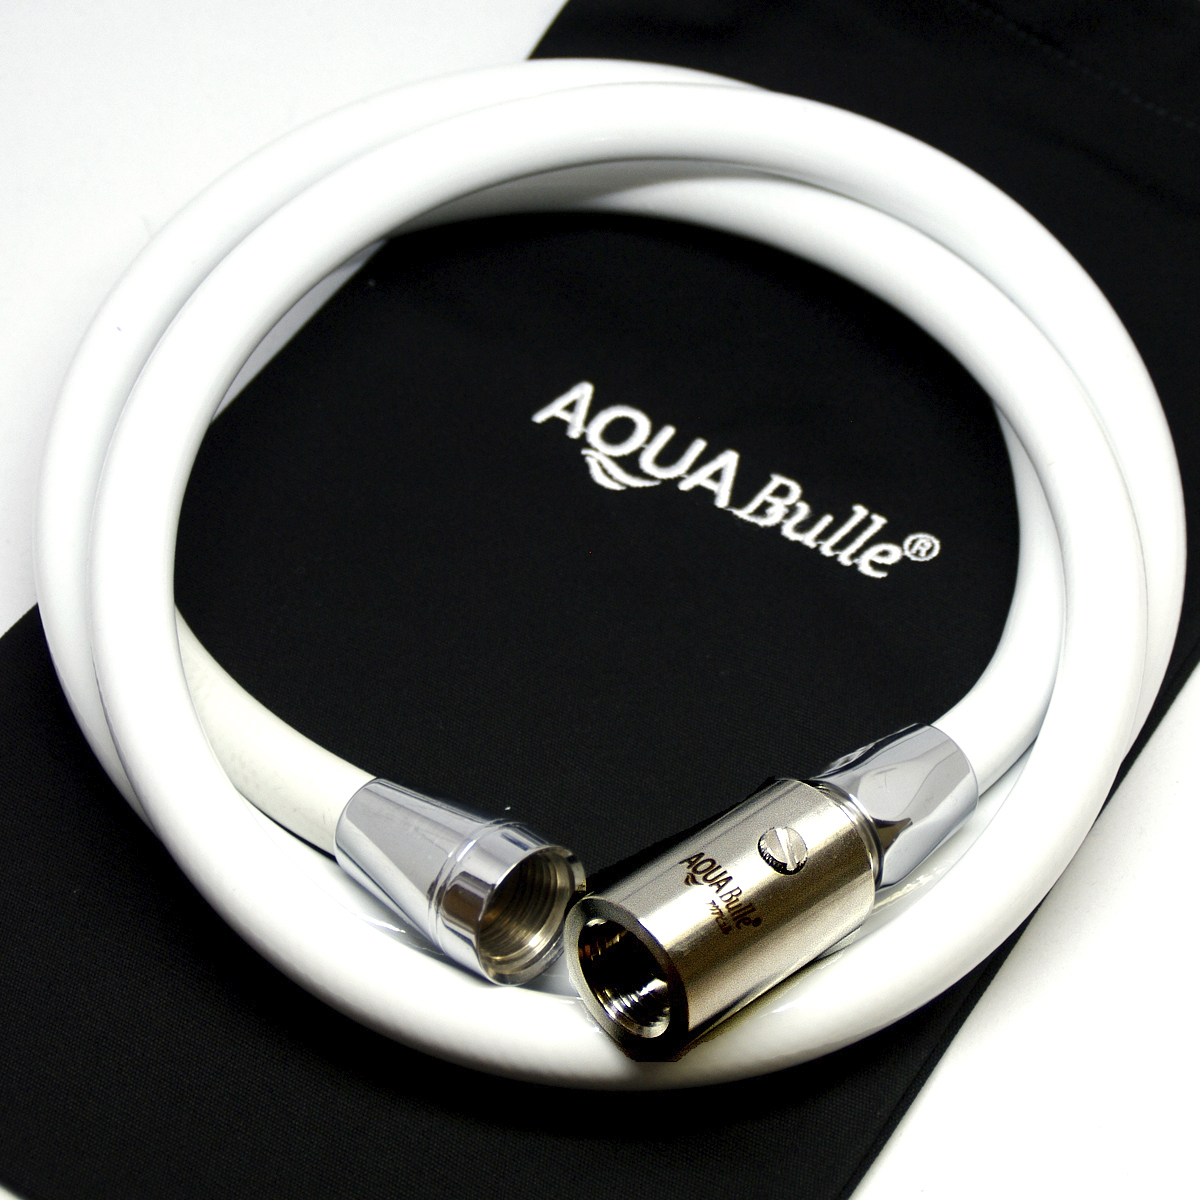 【AQ88健康を守ろう!!】マイクロバブル発生器ホースセット【アクアビュルシリーズ】pvcホース ホワイトセット